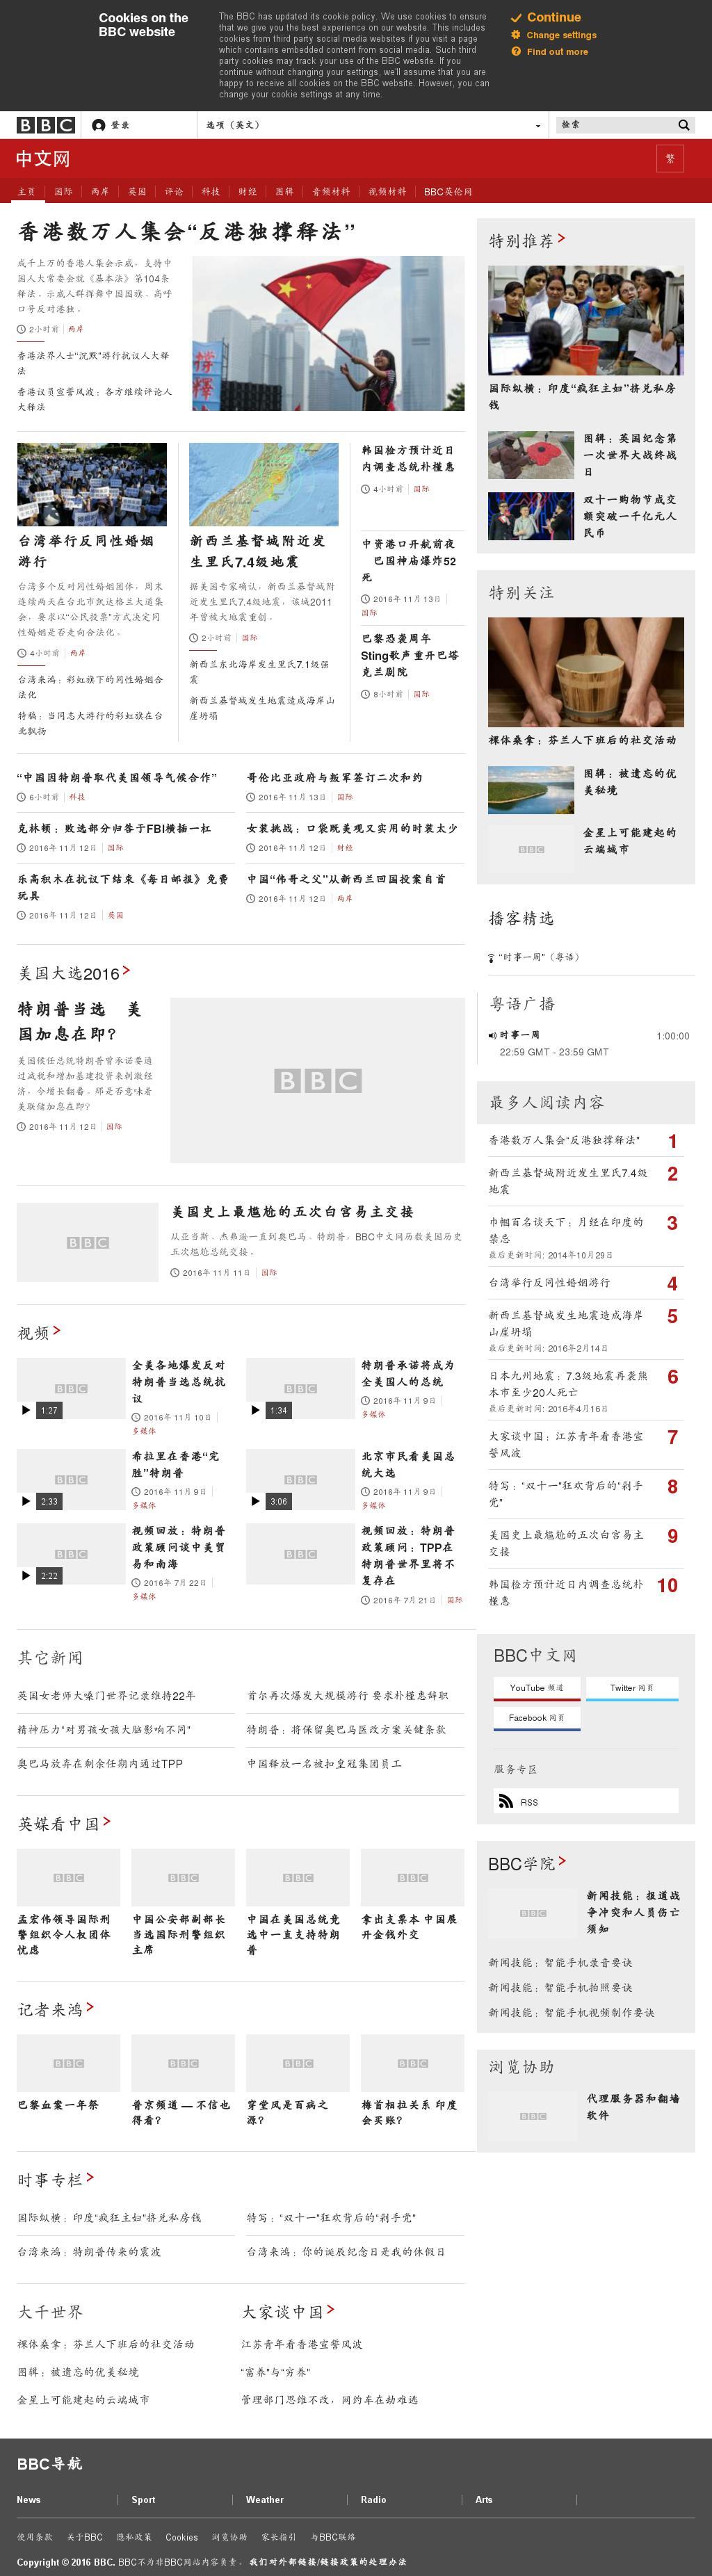 BBC (Chinese) at Sunday Nov. 13, 2016, 3 p.m. UTC